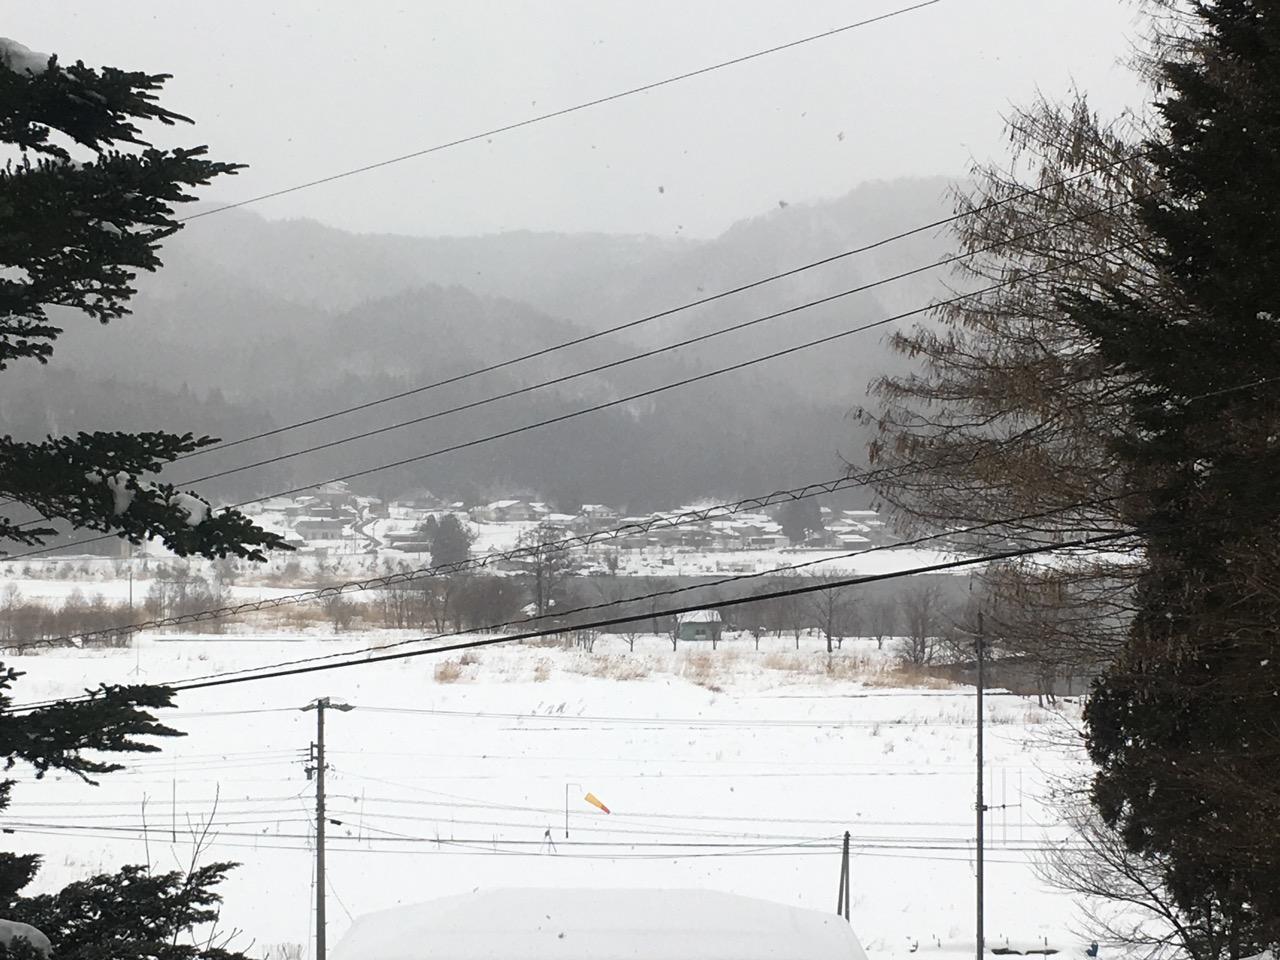 雪降ってるけどスキーしない正月